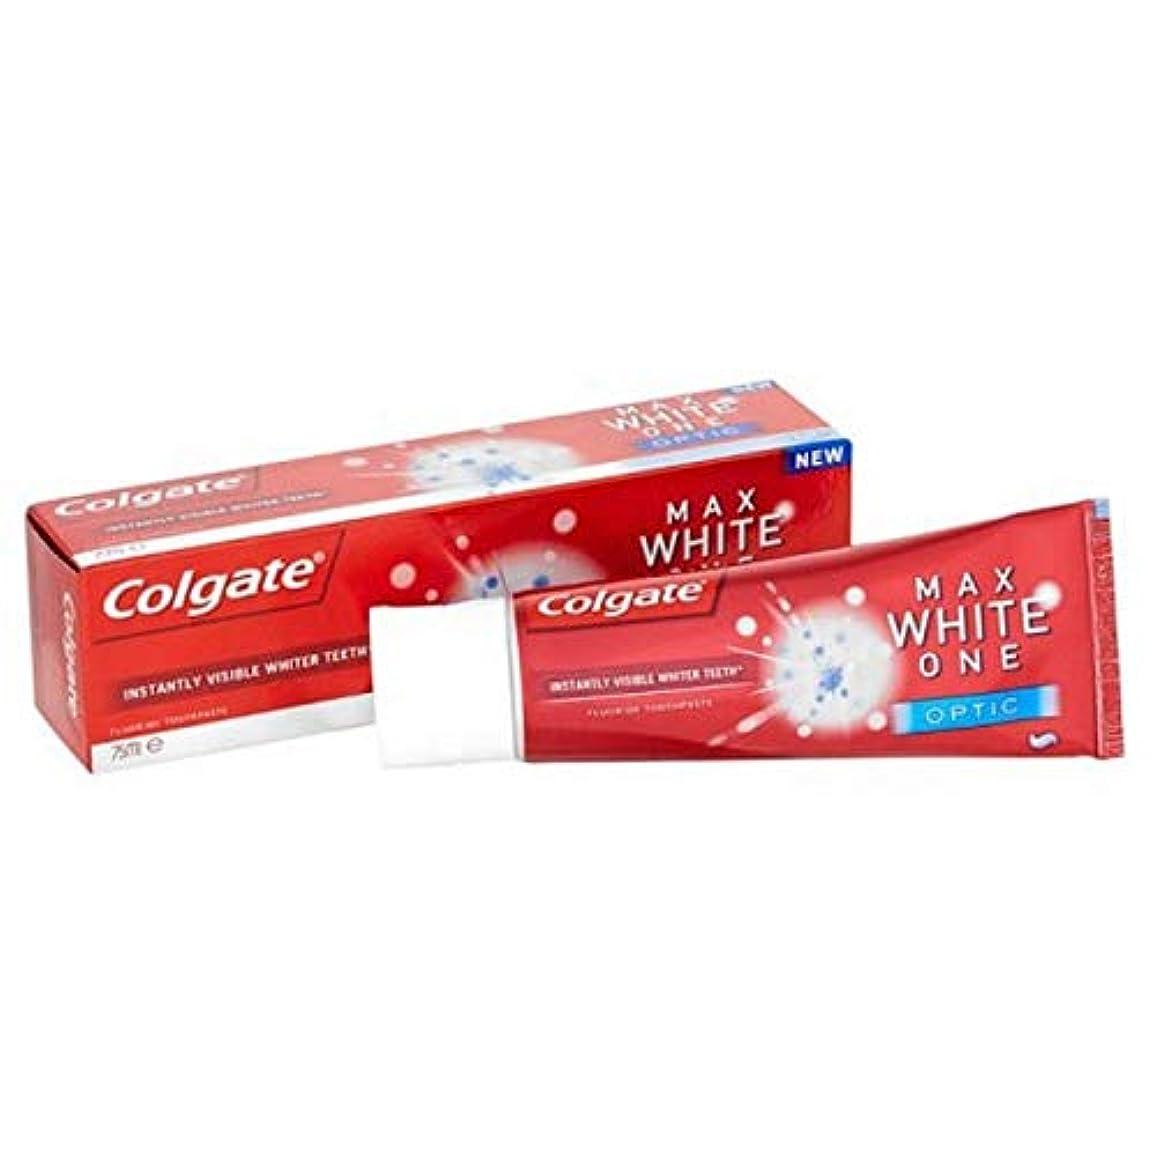 フィラデルフィア端花弁[Colgate ] コルゲート最大白1つの光学歯磨き粉25ミリリットル - Colgate Max White One Optic Toothpaste 25ml [並行輸入品]